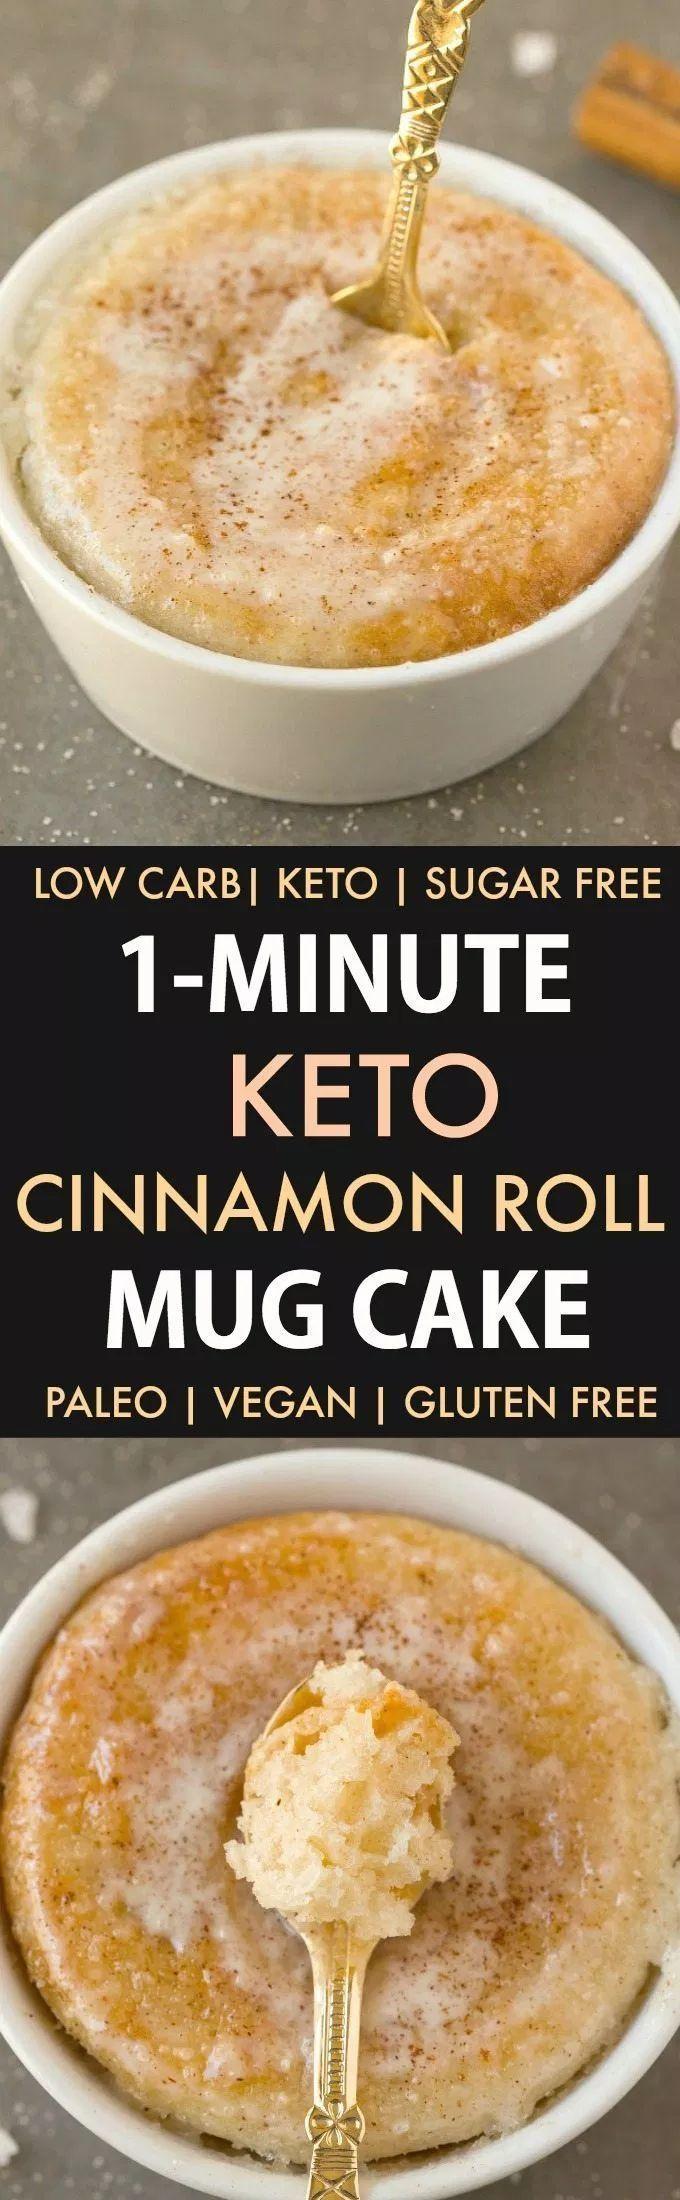 1 Minute Low Carb Cinnamon Roll Mug Cake - Kuchen & Kekse (vegan, glutenfrei und gesund) - Minute Low Carb Cinnamon Roll Mug Cake   - Kuchen & Kekse (vegan, glutenfrei und gesund) -